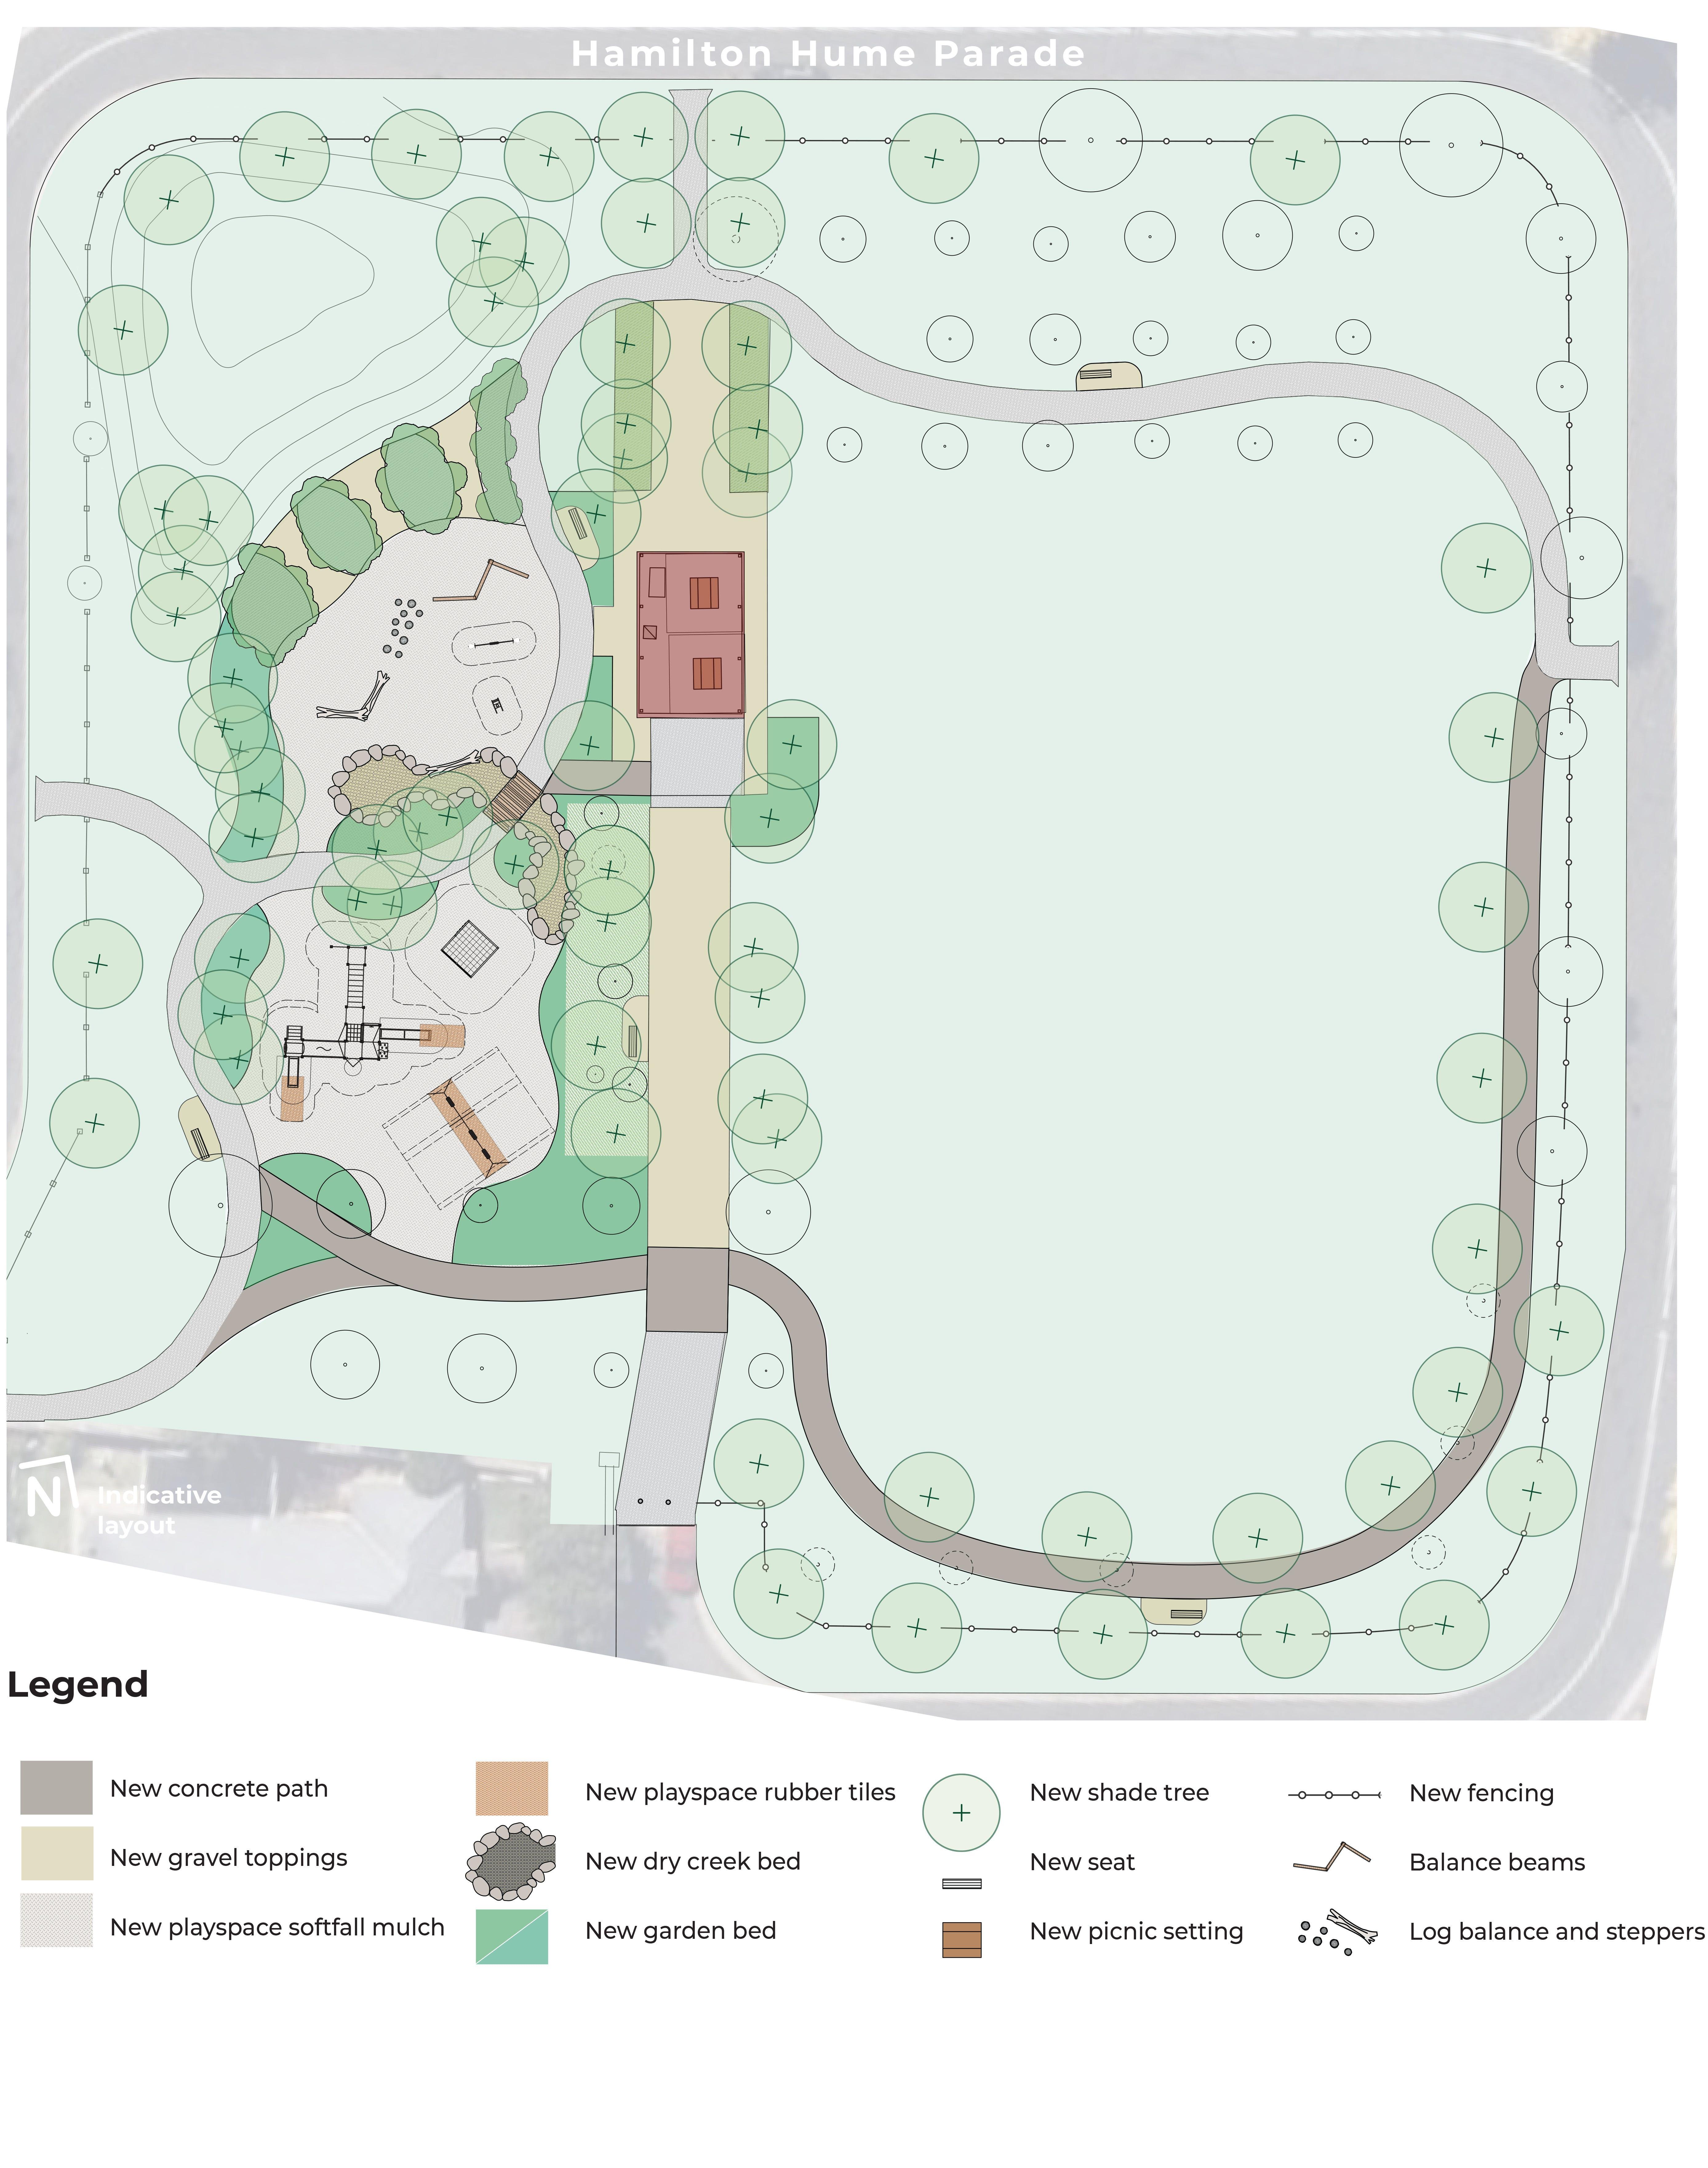 Hamilton Hume Reserve - Play & Landscape Concept Plan